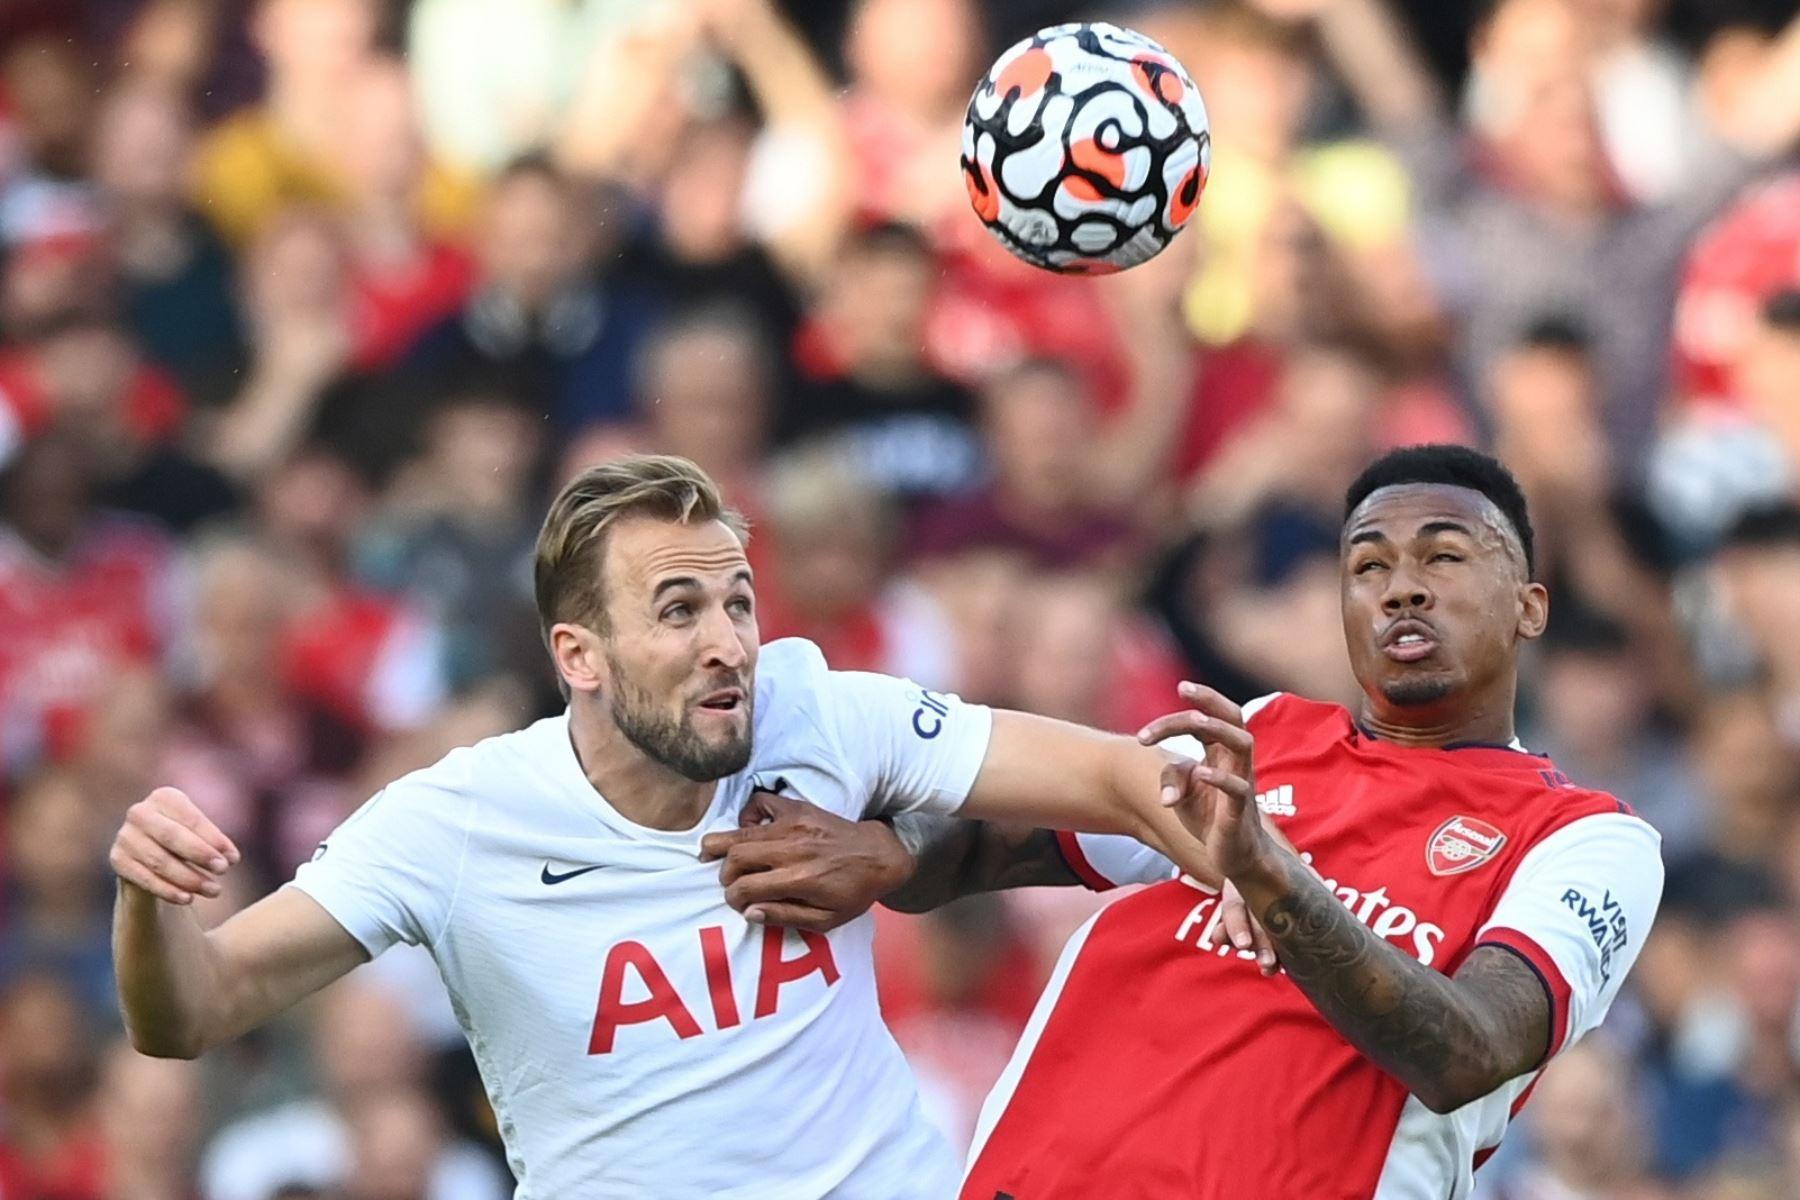 Gabriel Magalhaes del Arsenal en acción contra Harry Kane del Tottenham durante el partido de la Premier League. Foto: EFE